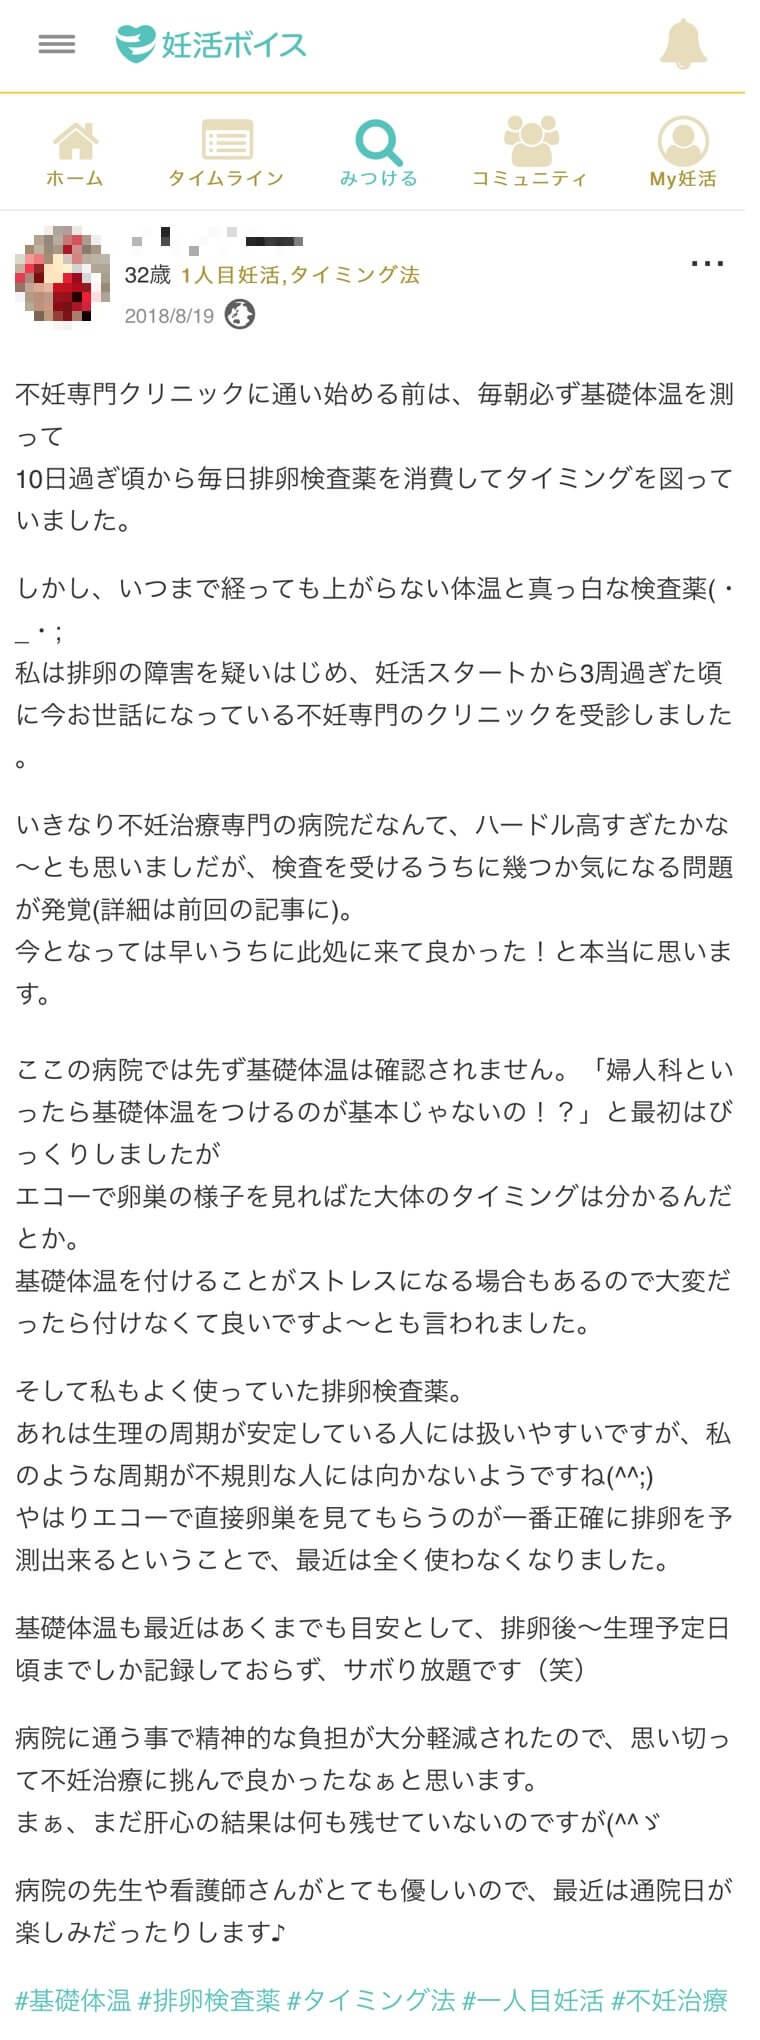 Iさん(32歳・1人目妊活・タイミング法)